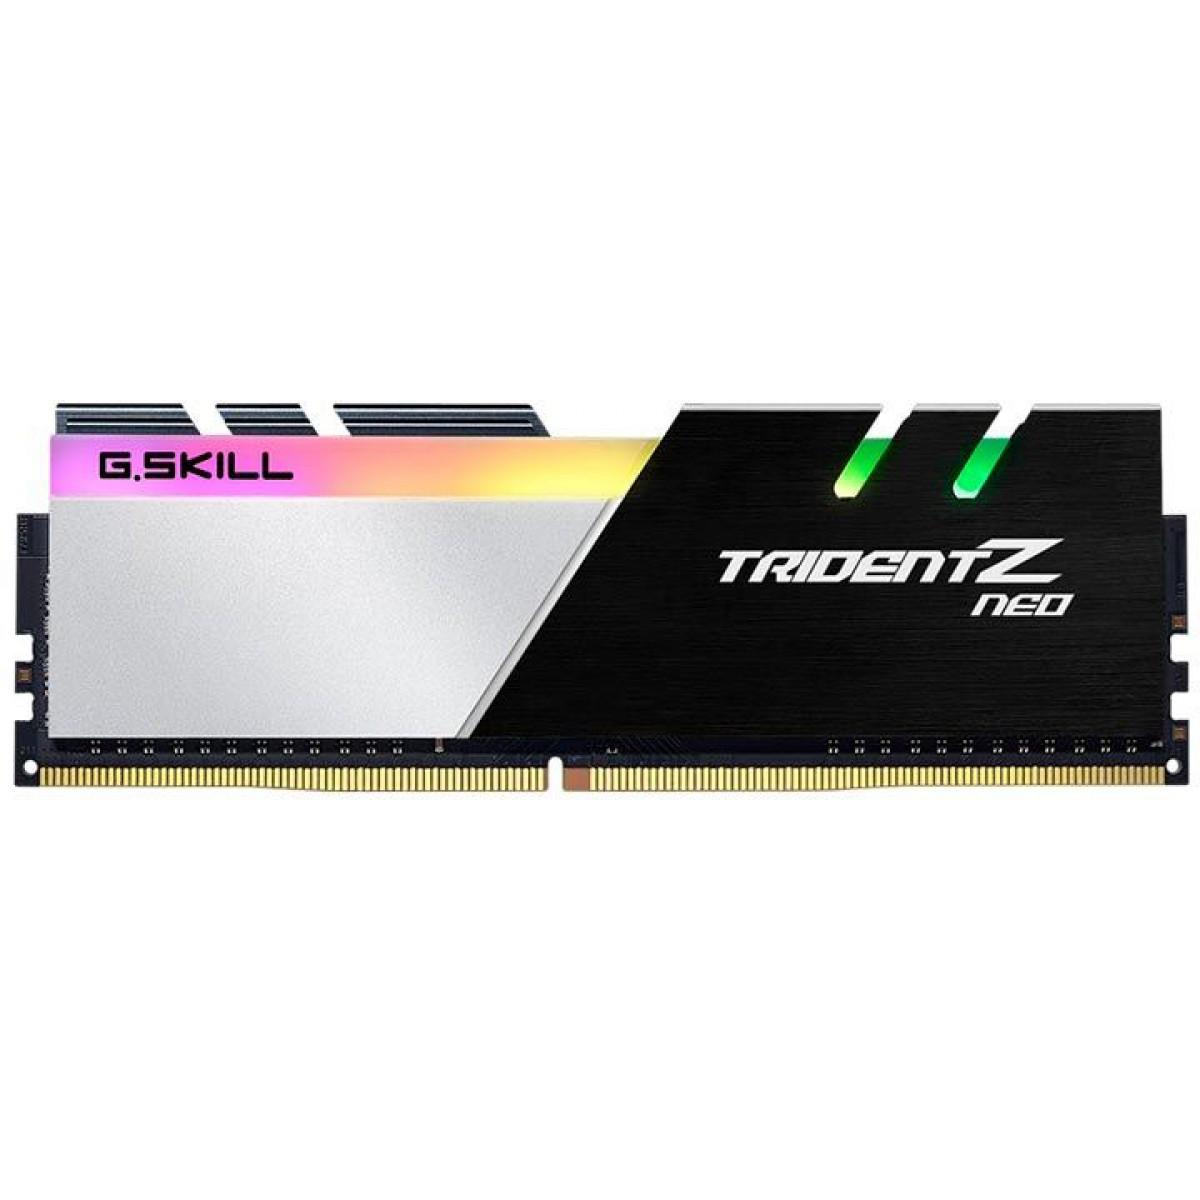 Memória DDR4 G.Skill Trident Z Neo RGB, 16GB (2x8GB) 3600MHz, Black, F4-3600C18D-16GTZN